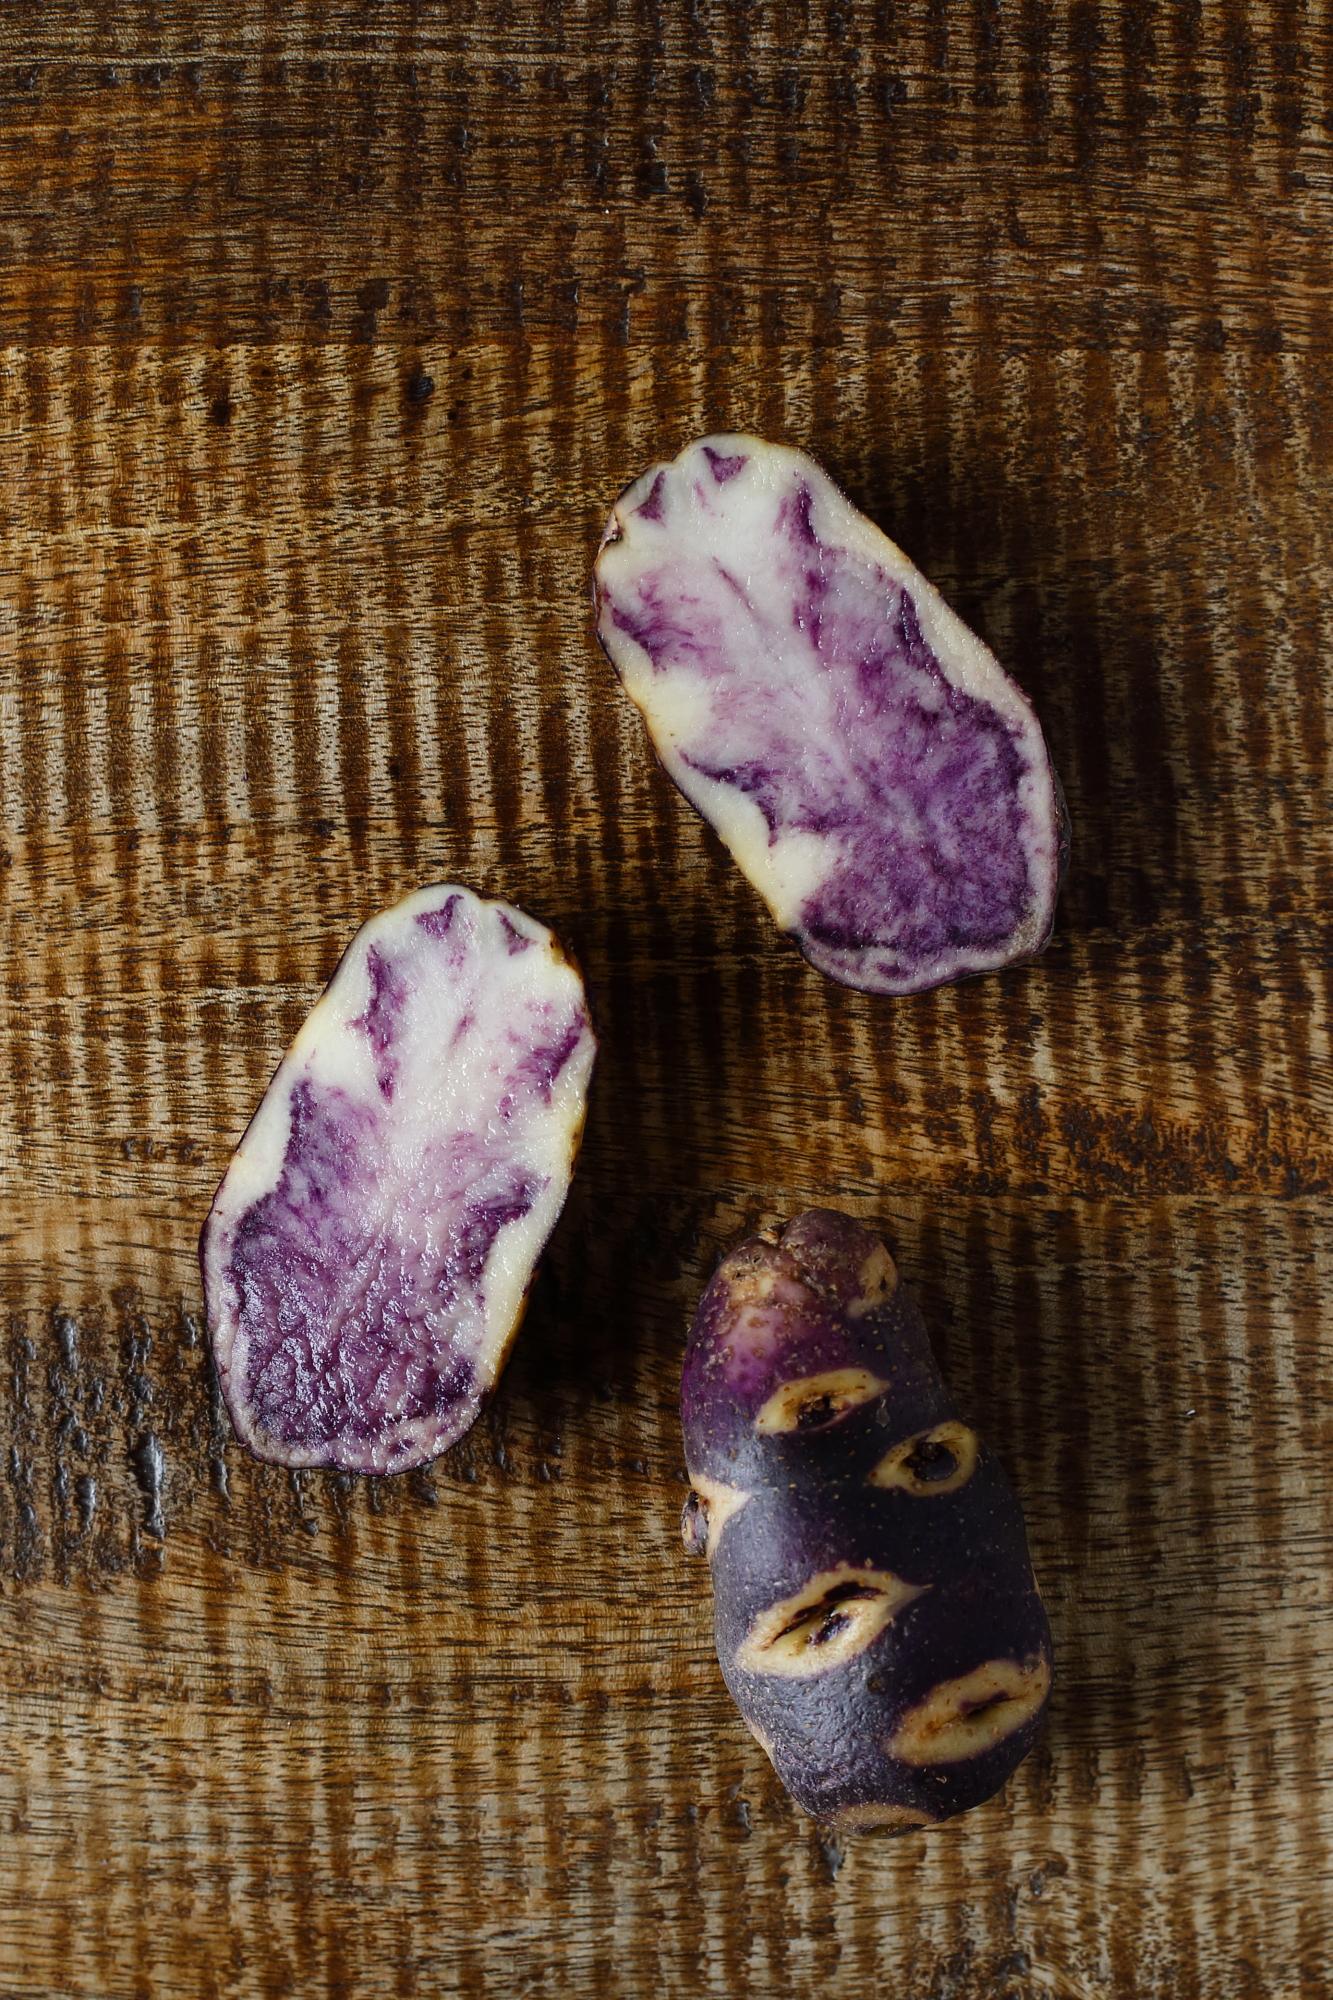 Ovos rotos - portugalskie jajka z ziemniakami